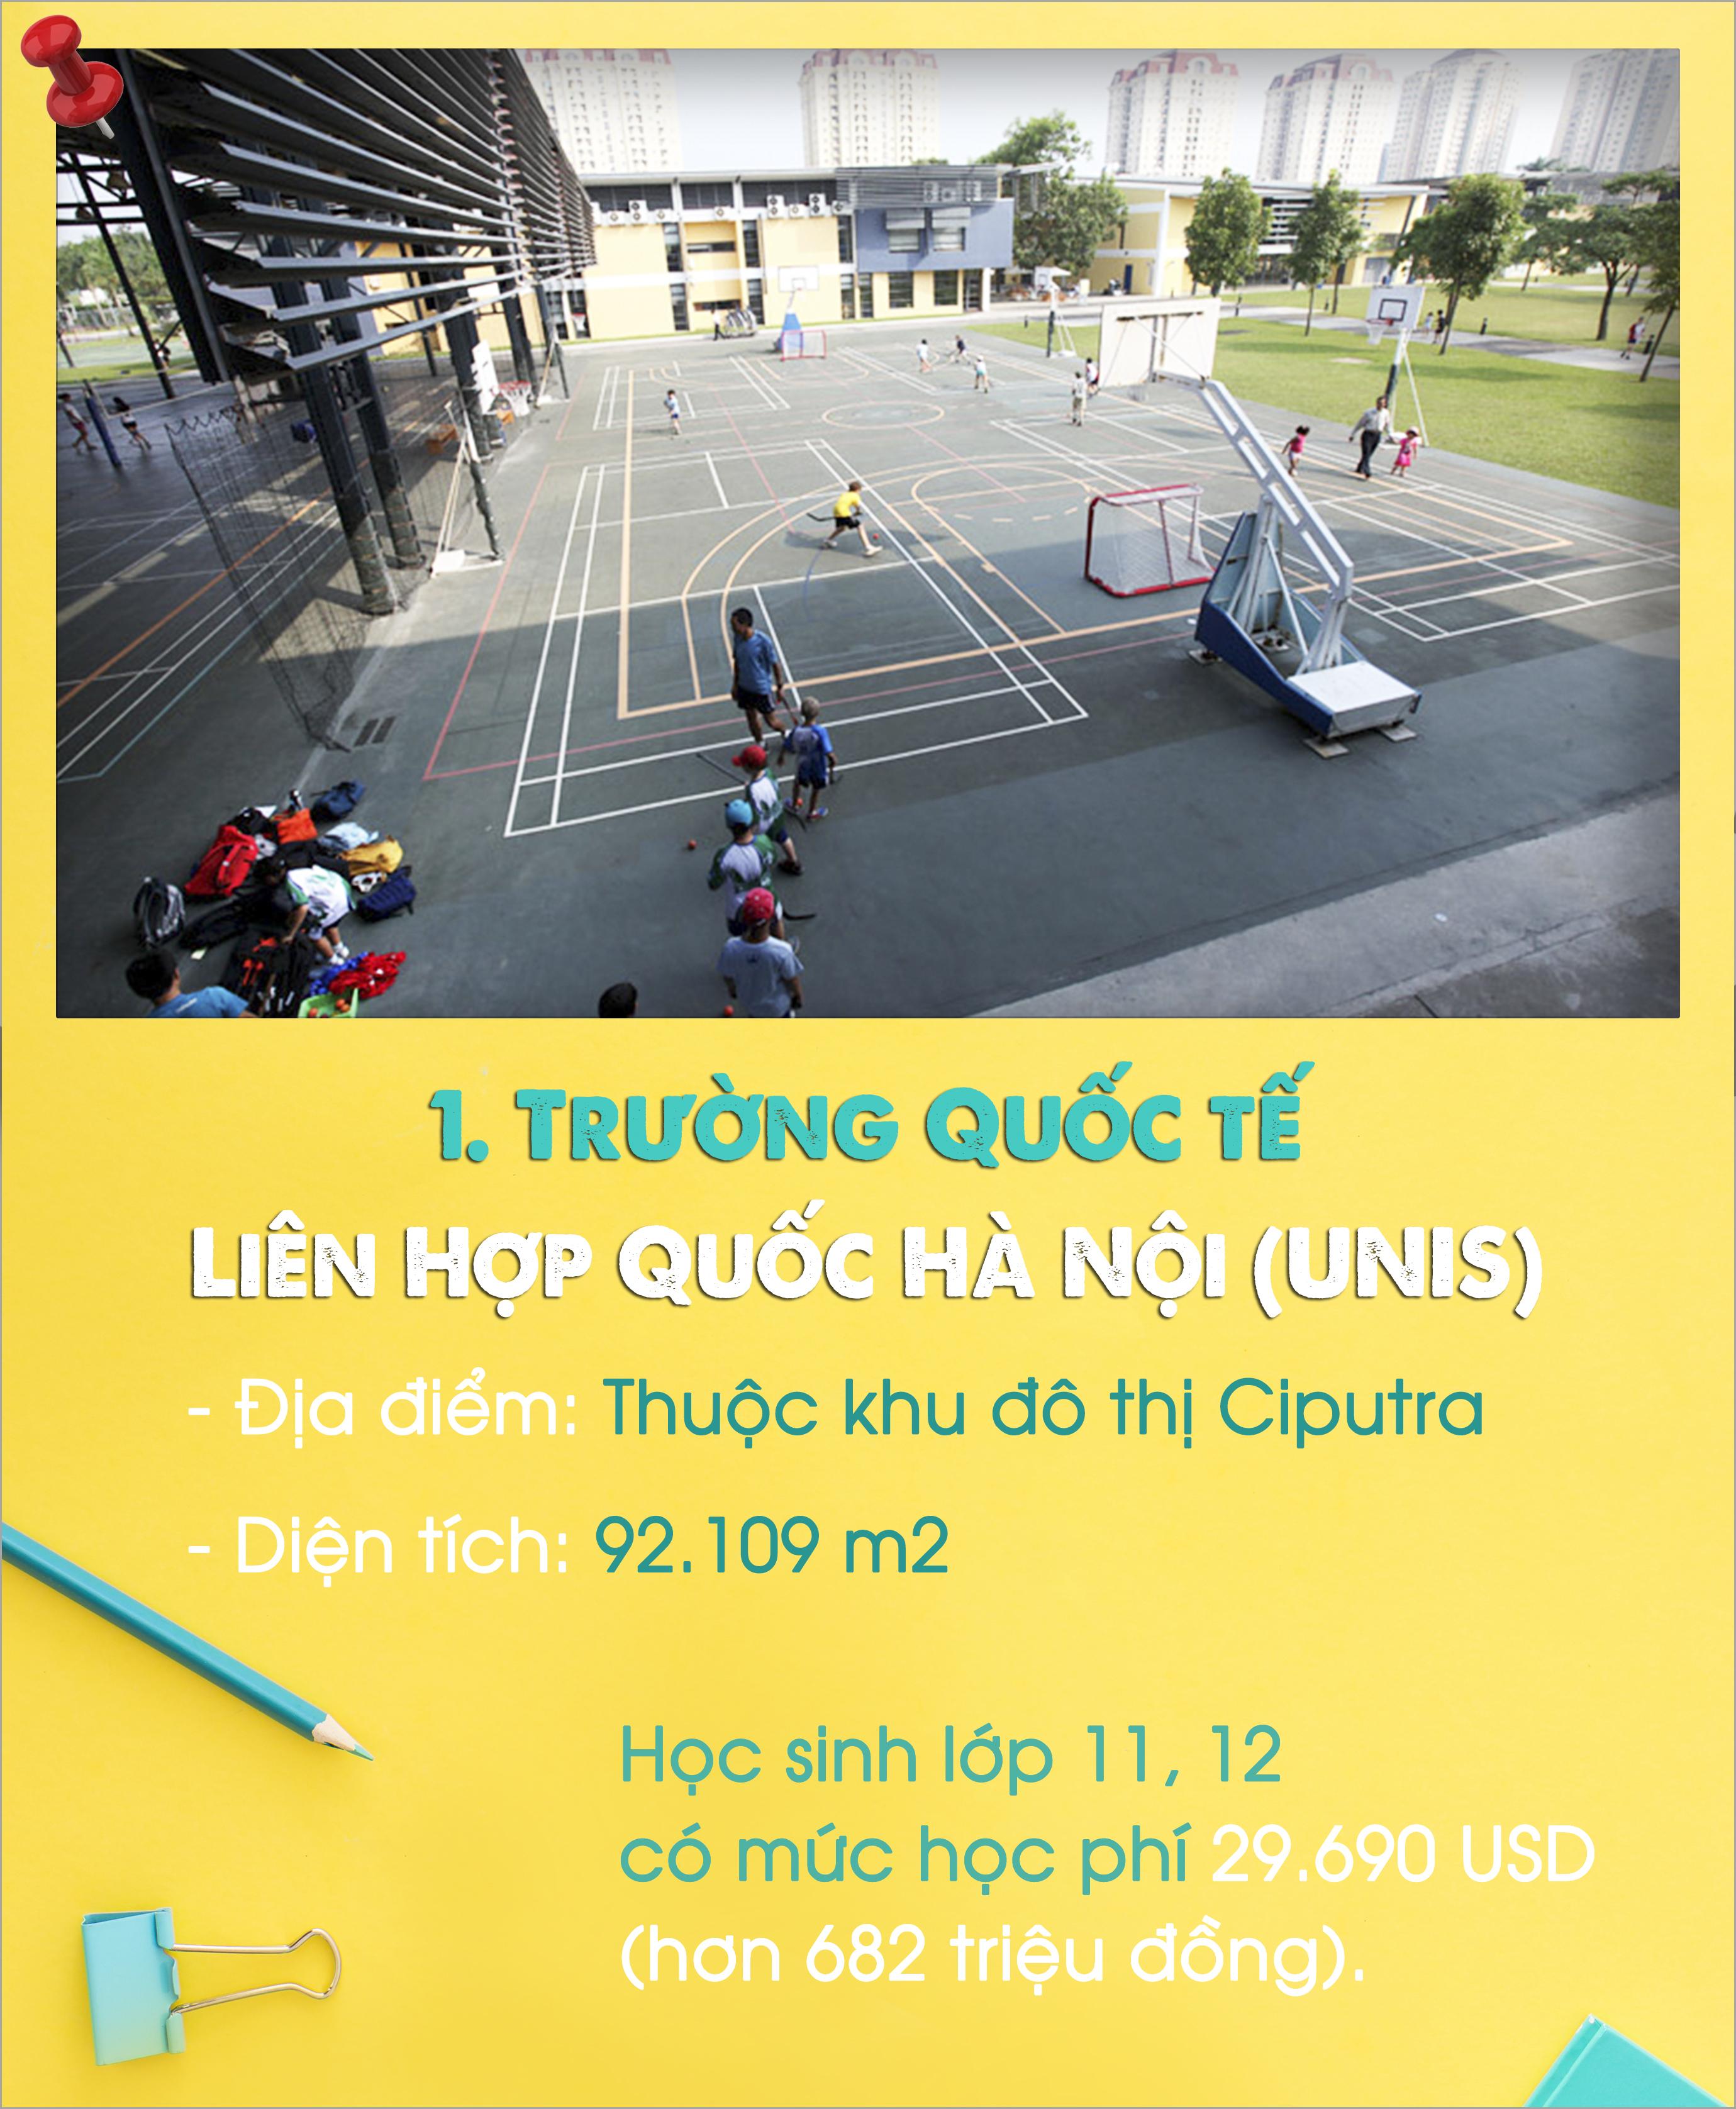 [E] Cho con học trường Quốc tế ở Hà Nội: Học phí 8 tỷ đồng - Ảnh 3